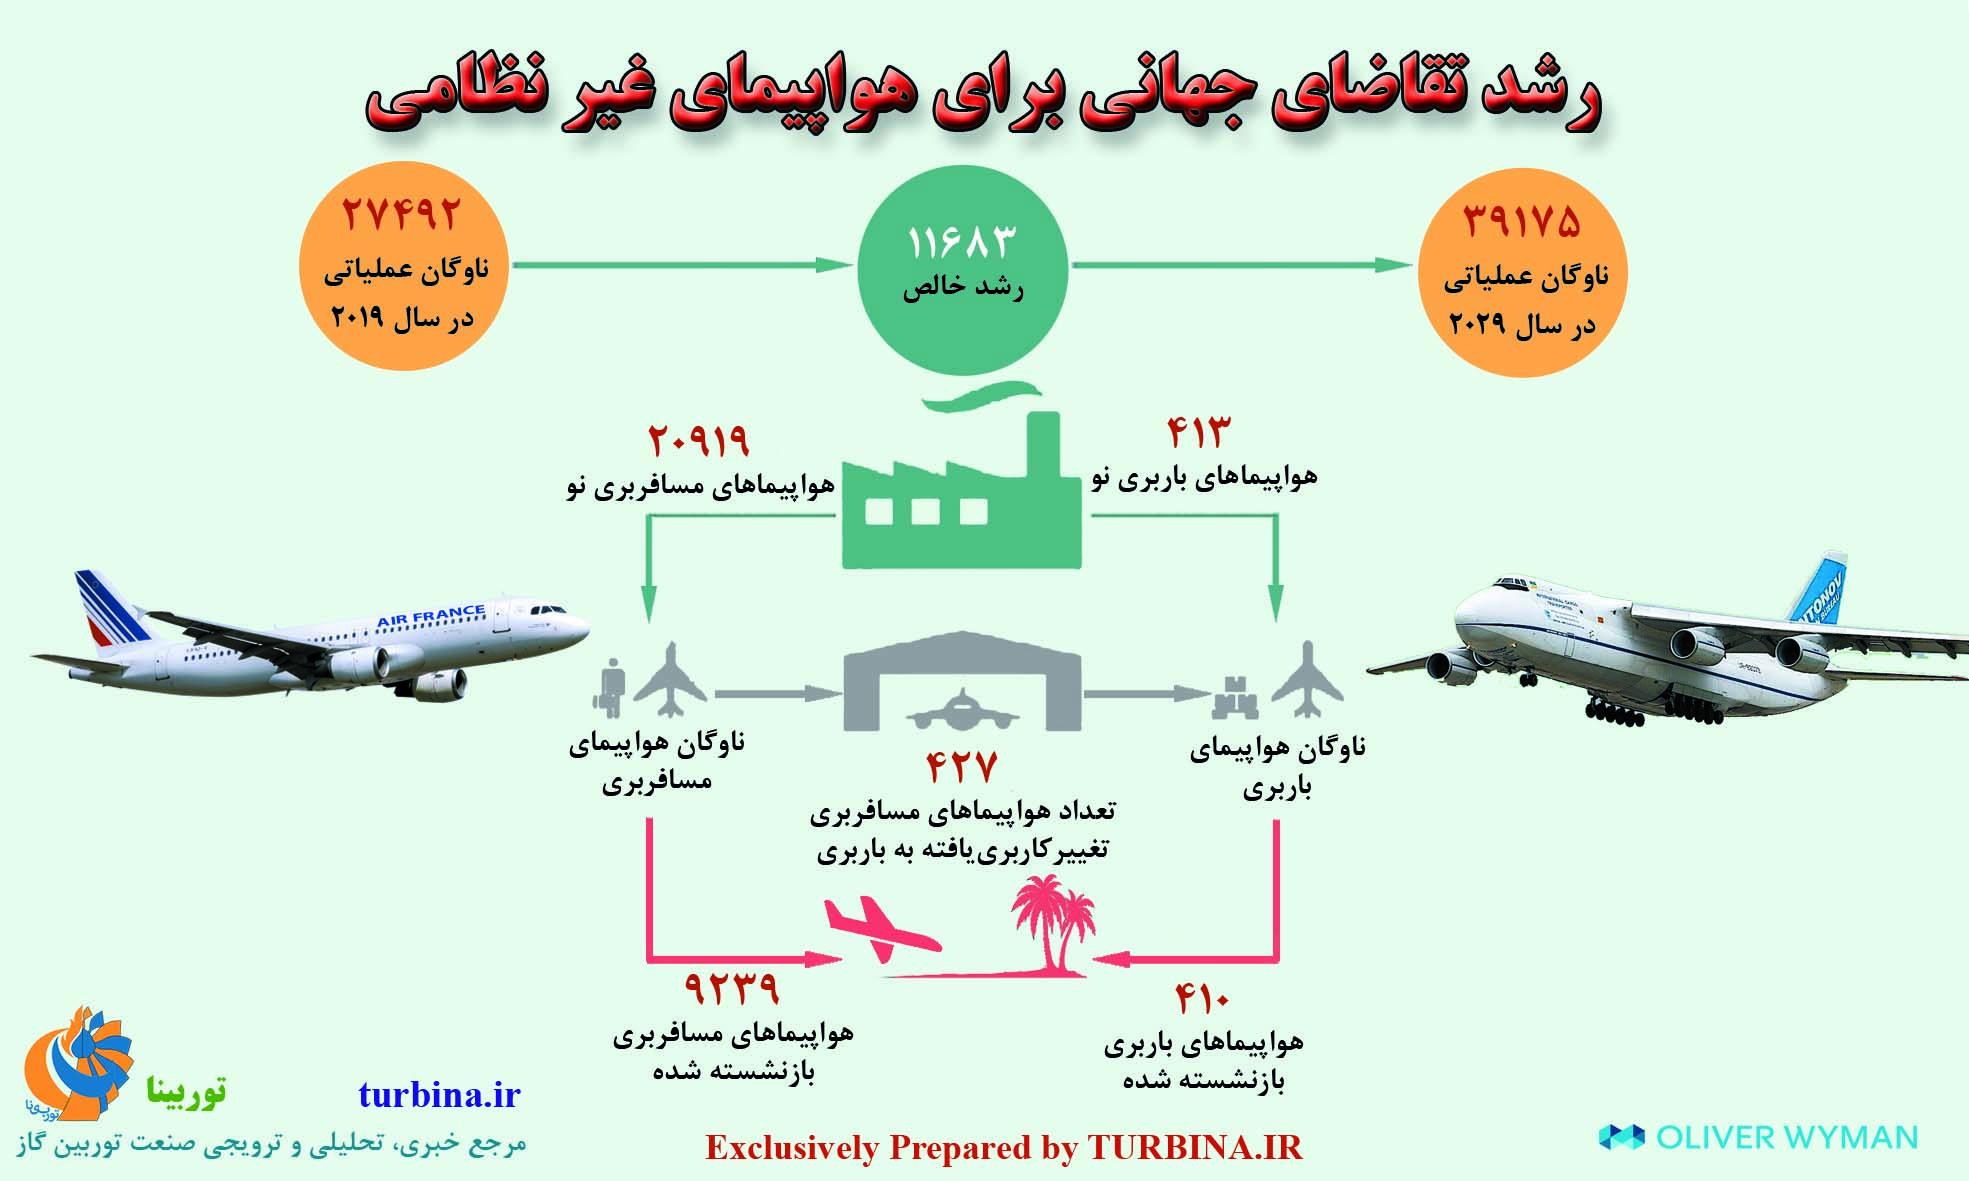 هواپیما غیرنظامی